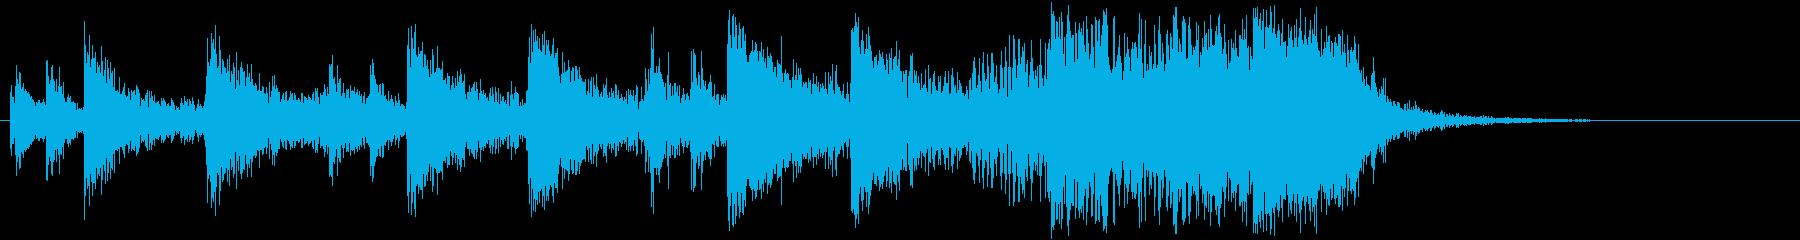 ハリウッドっぽいインダストリアルジングルの再生済みの波形